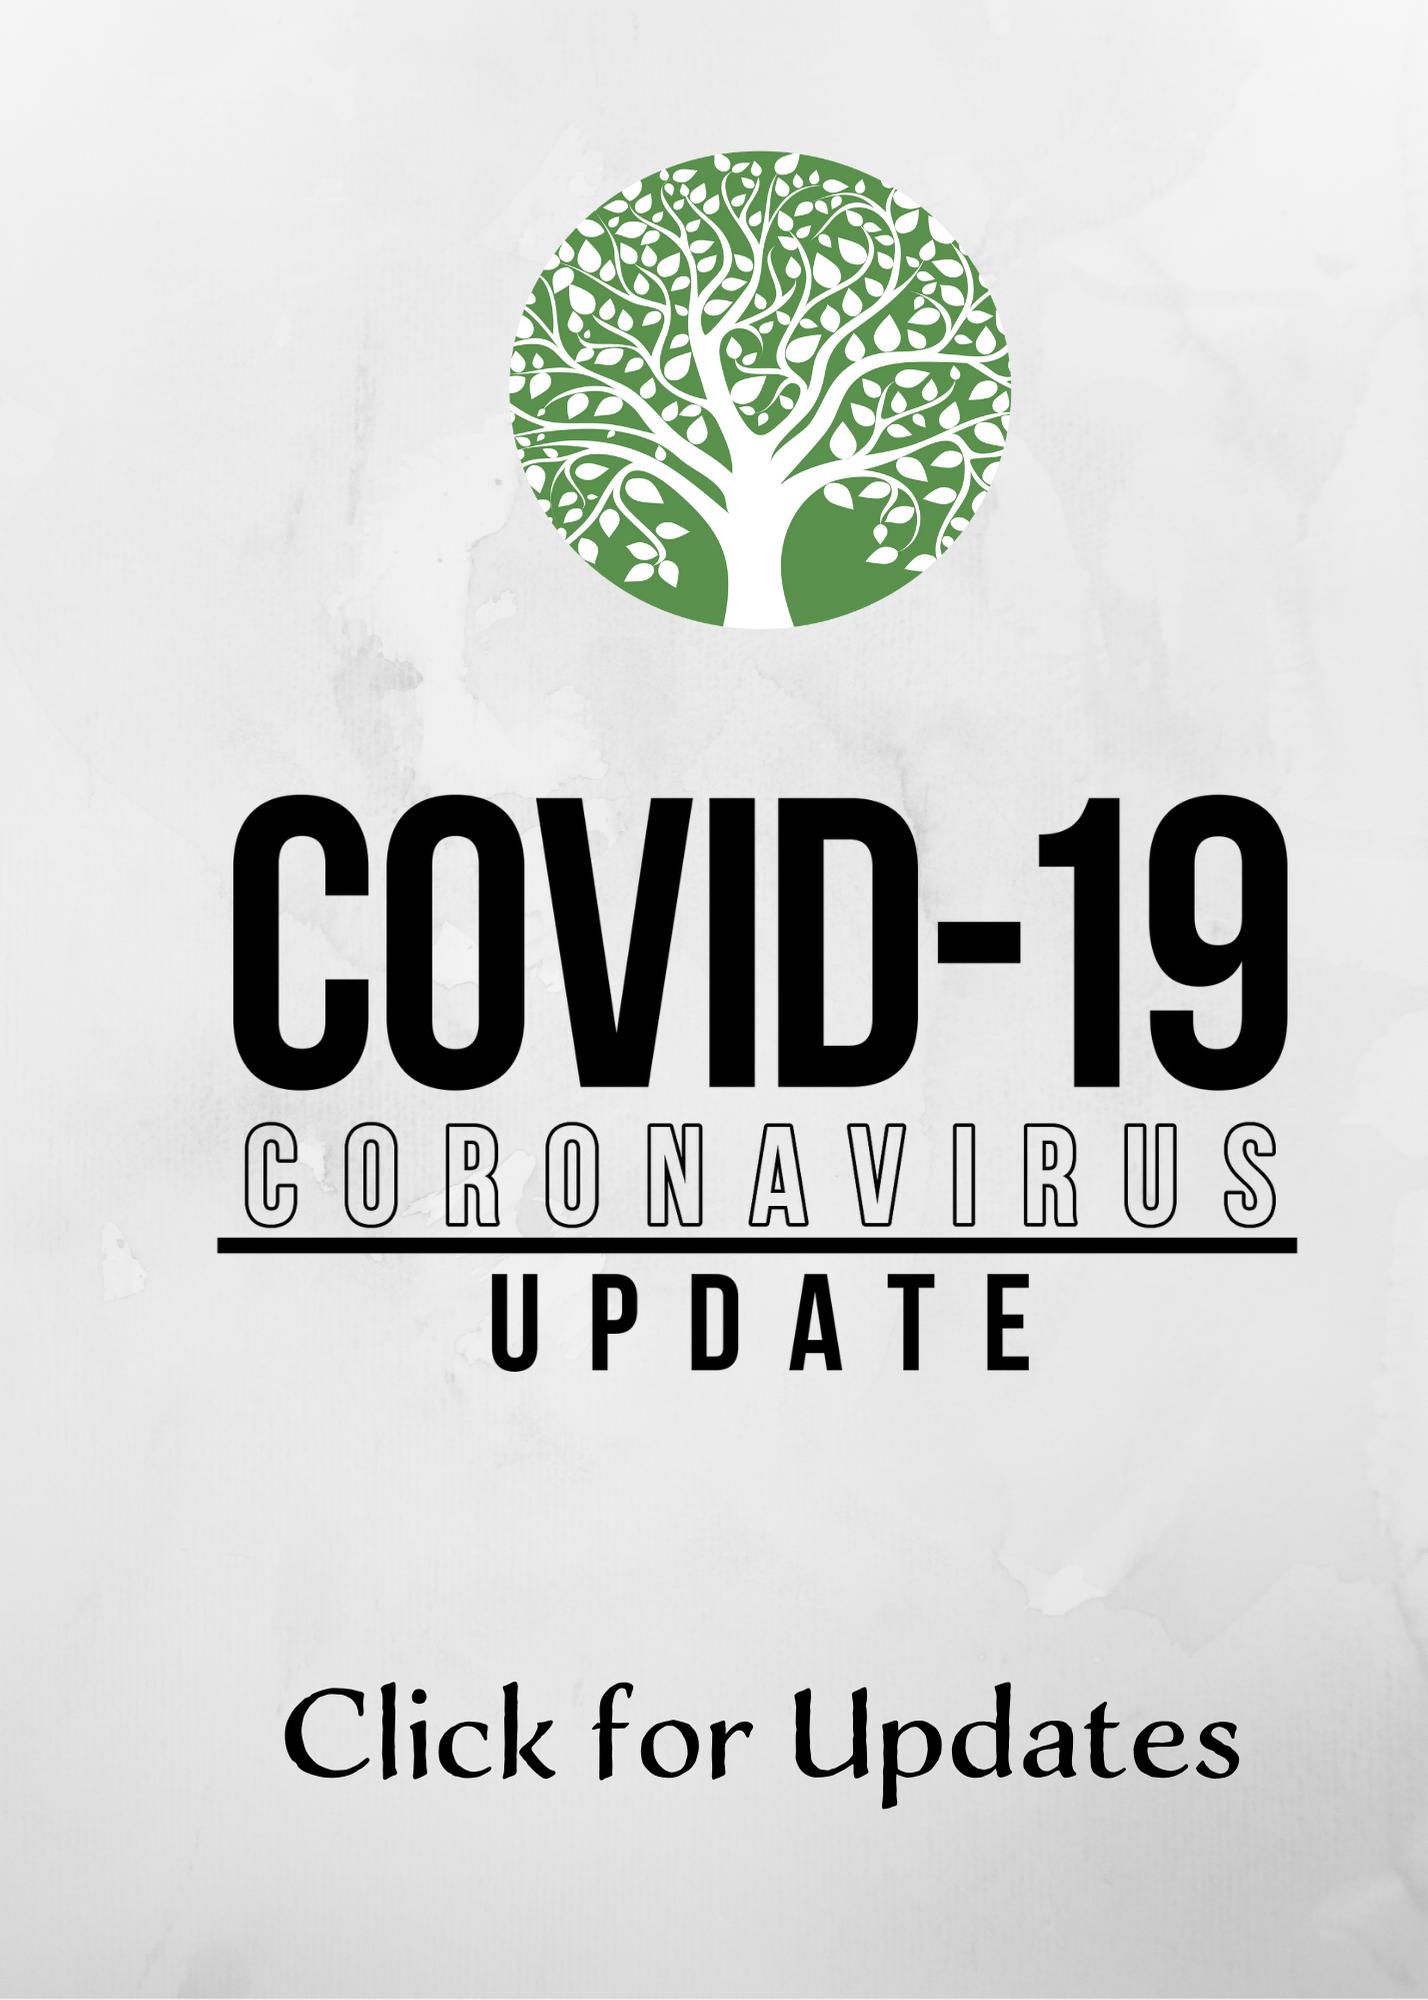 COVID=19 Update